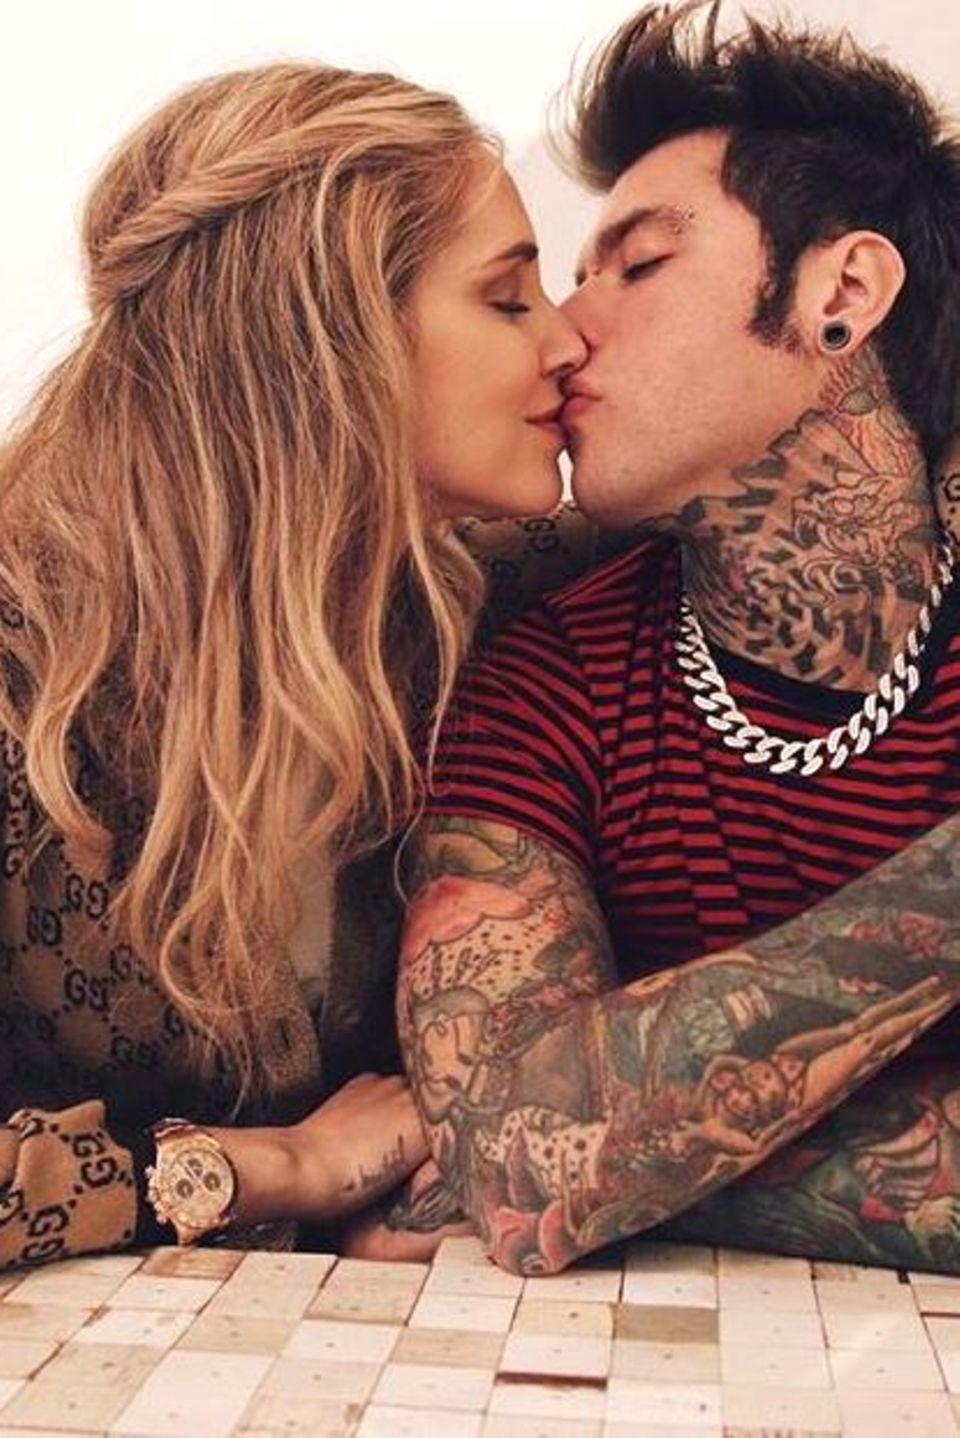 Chiara Ferragni und ihr Verlobter Fedez zeigen sich gerne knutschend: Die Mode-Influencerin und der Rapper erwarten voller Vorfreude ihr erstes Kind.